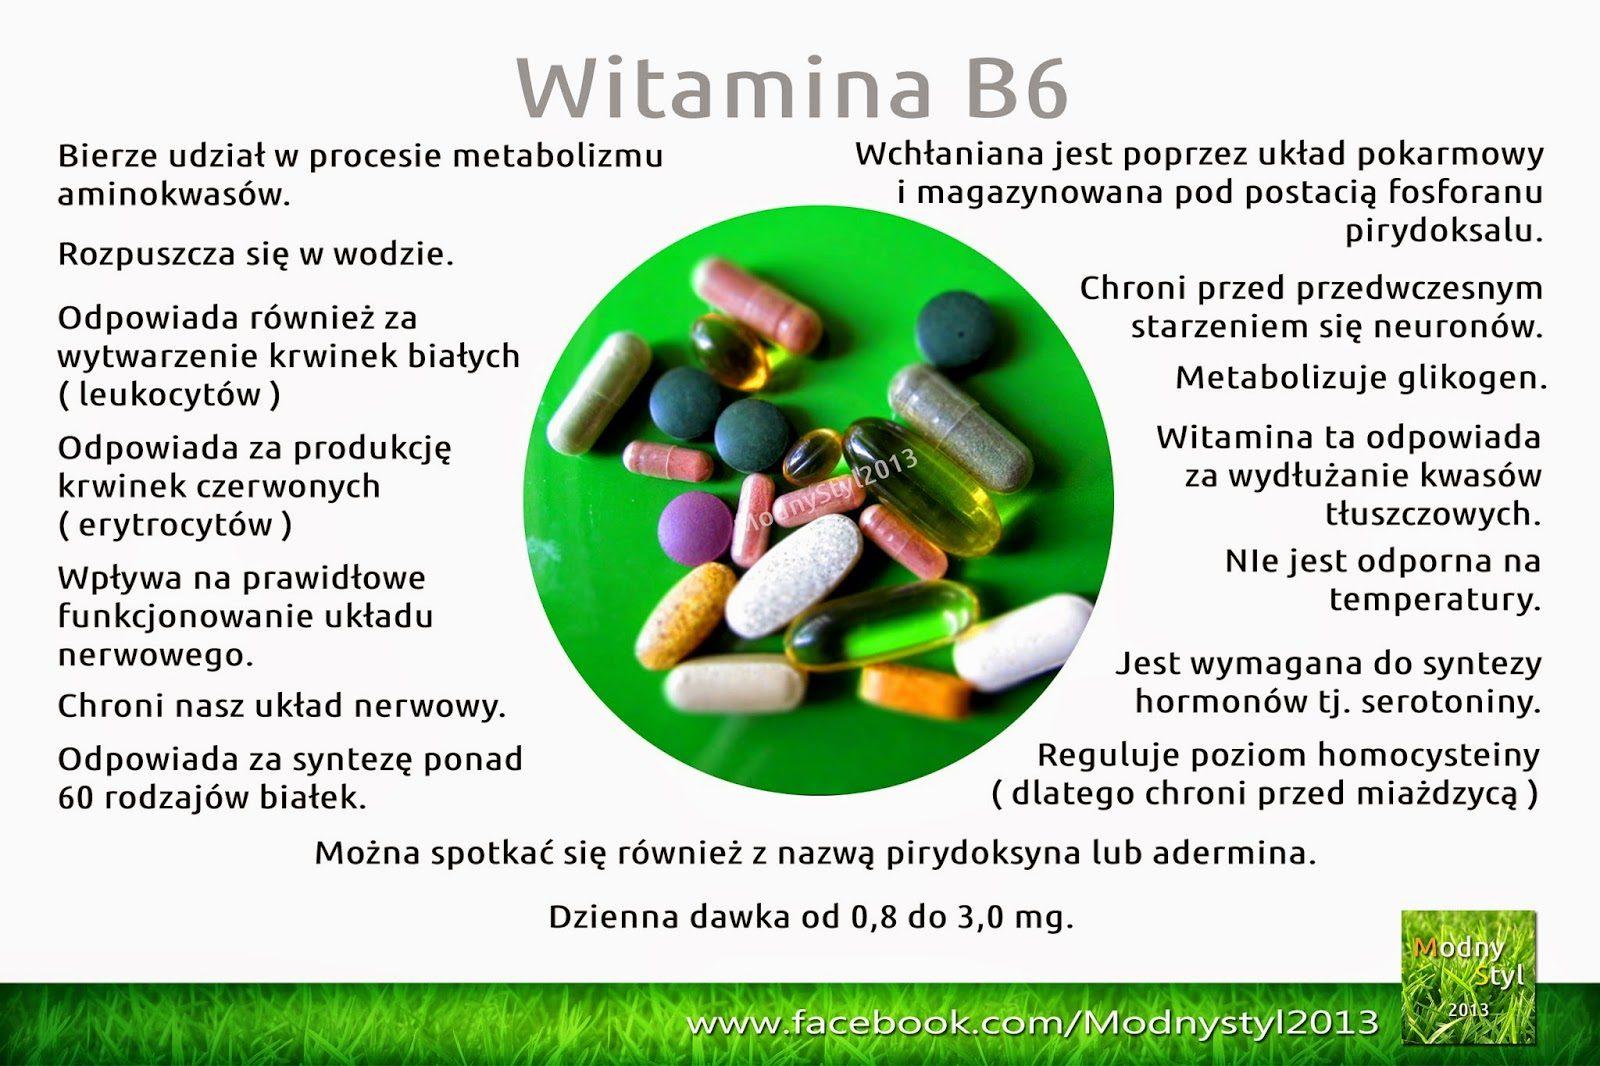 witamina2bb6-4232289